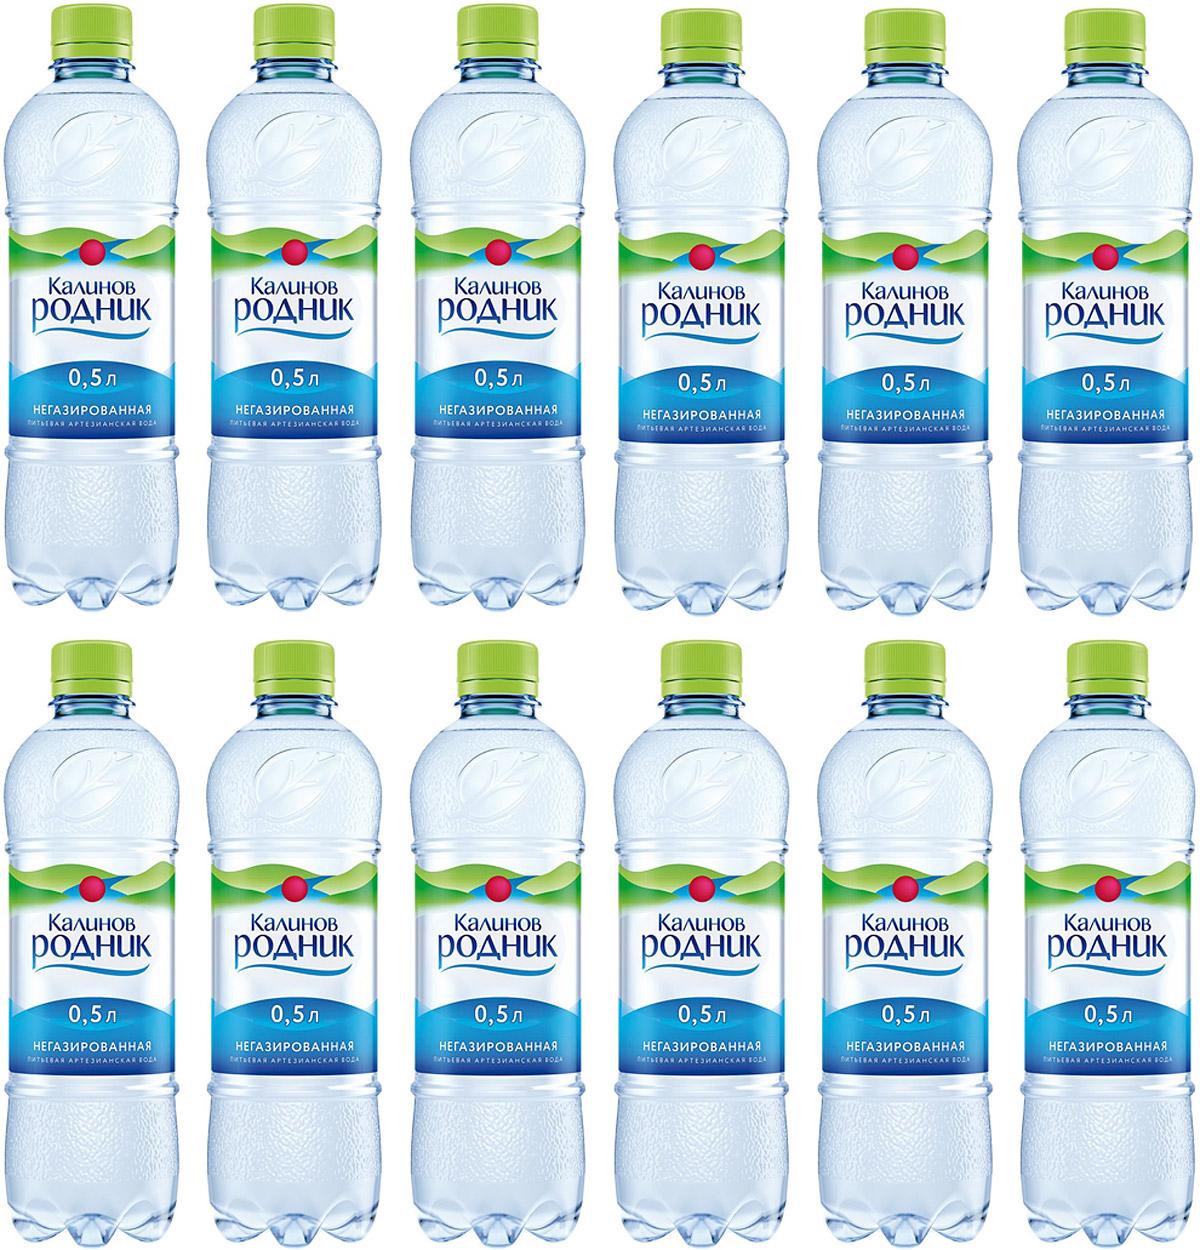 Калинов Родник питьевая артезианская негазированная вода, 12 штук по 0,5 л 4607050693334